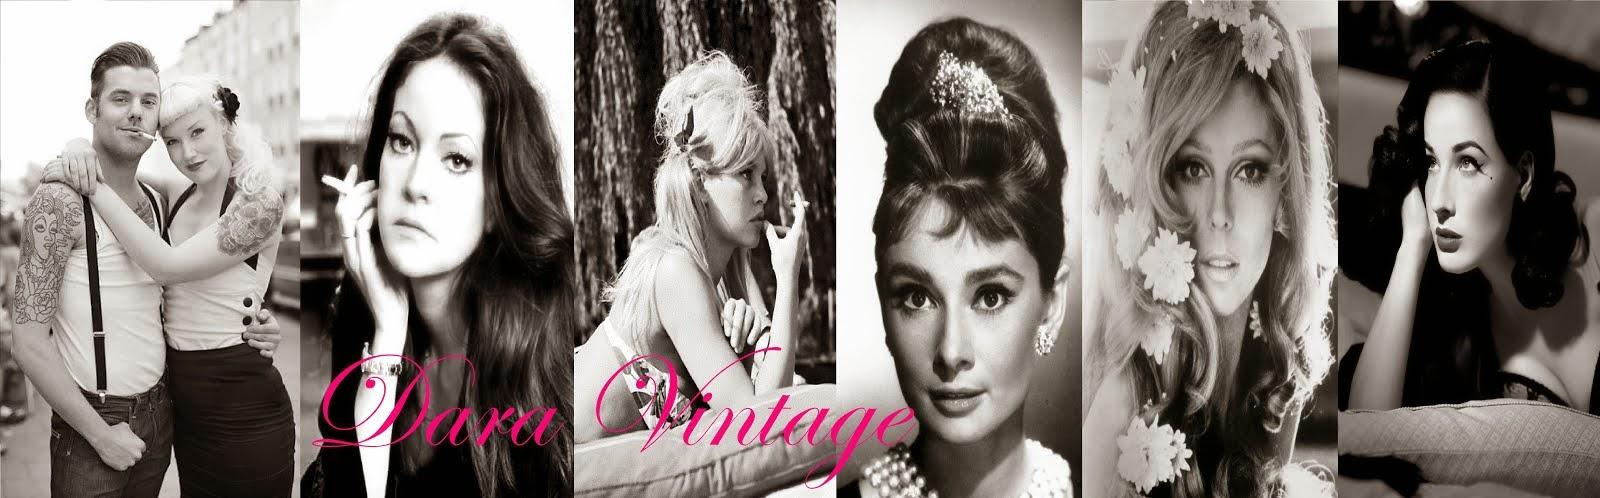 Dara Vintage